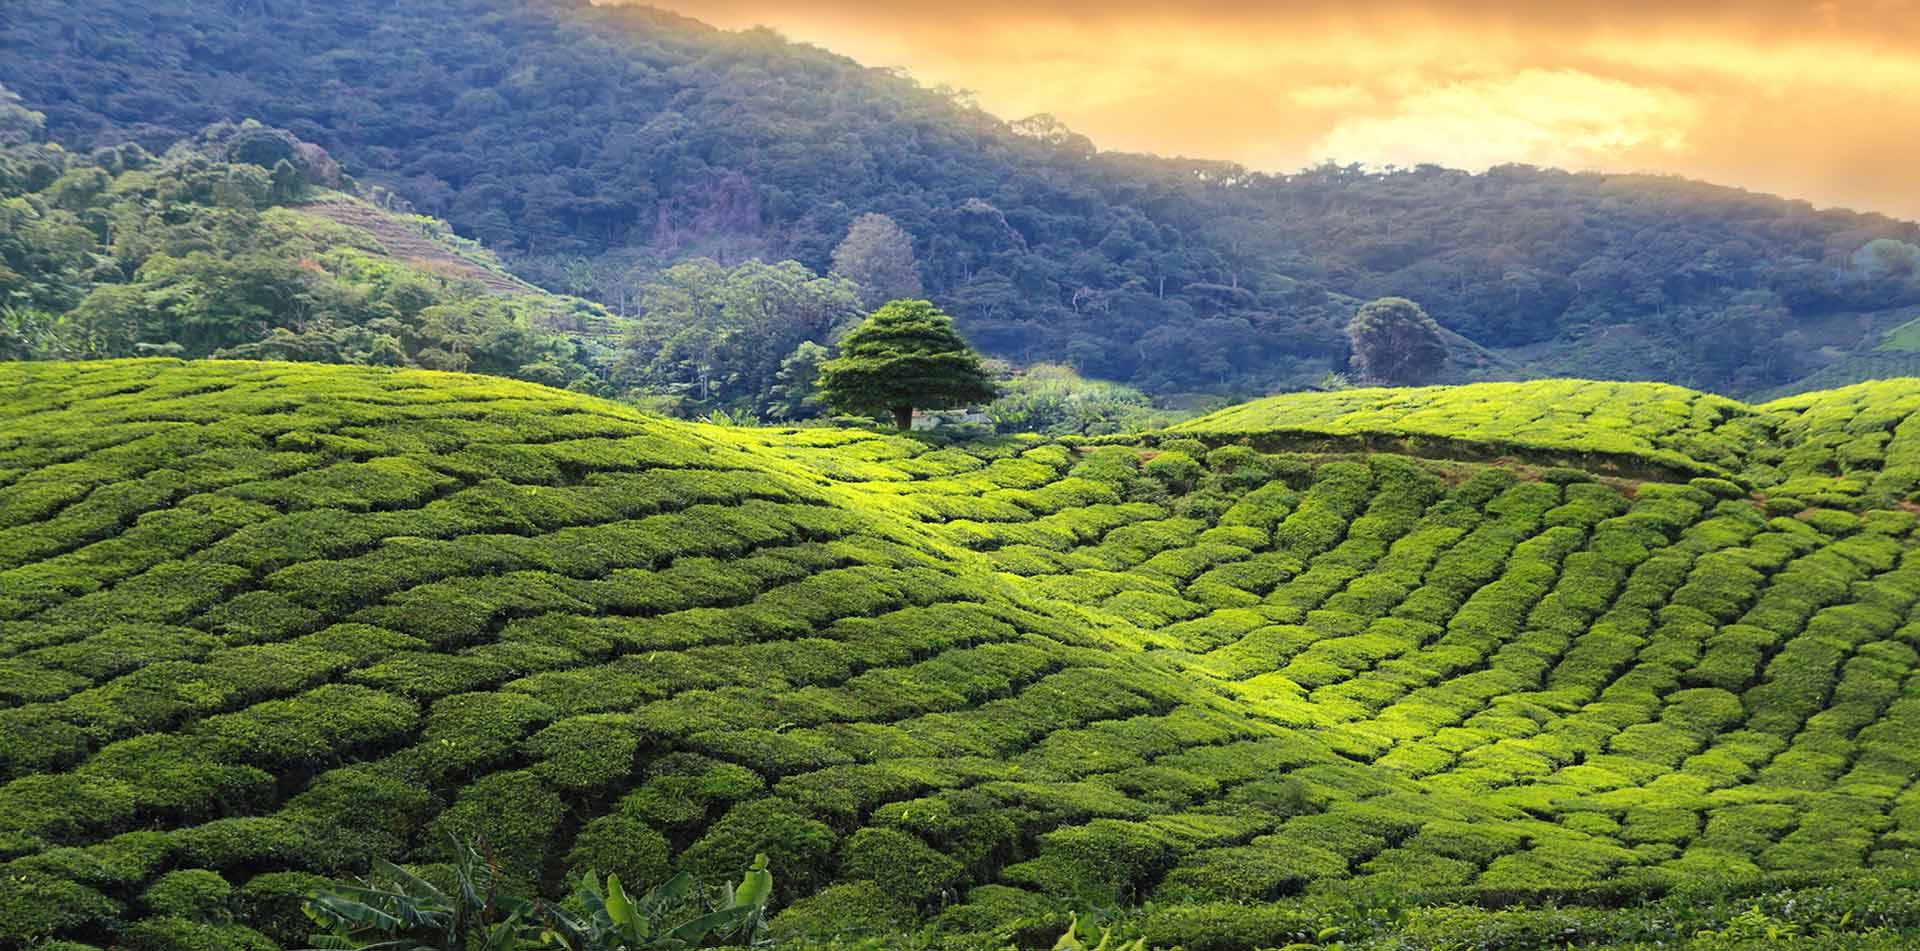 Pristine_Tea_Garden